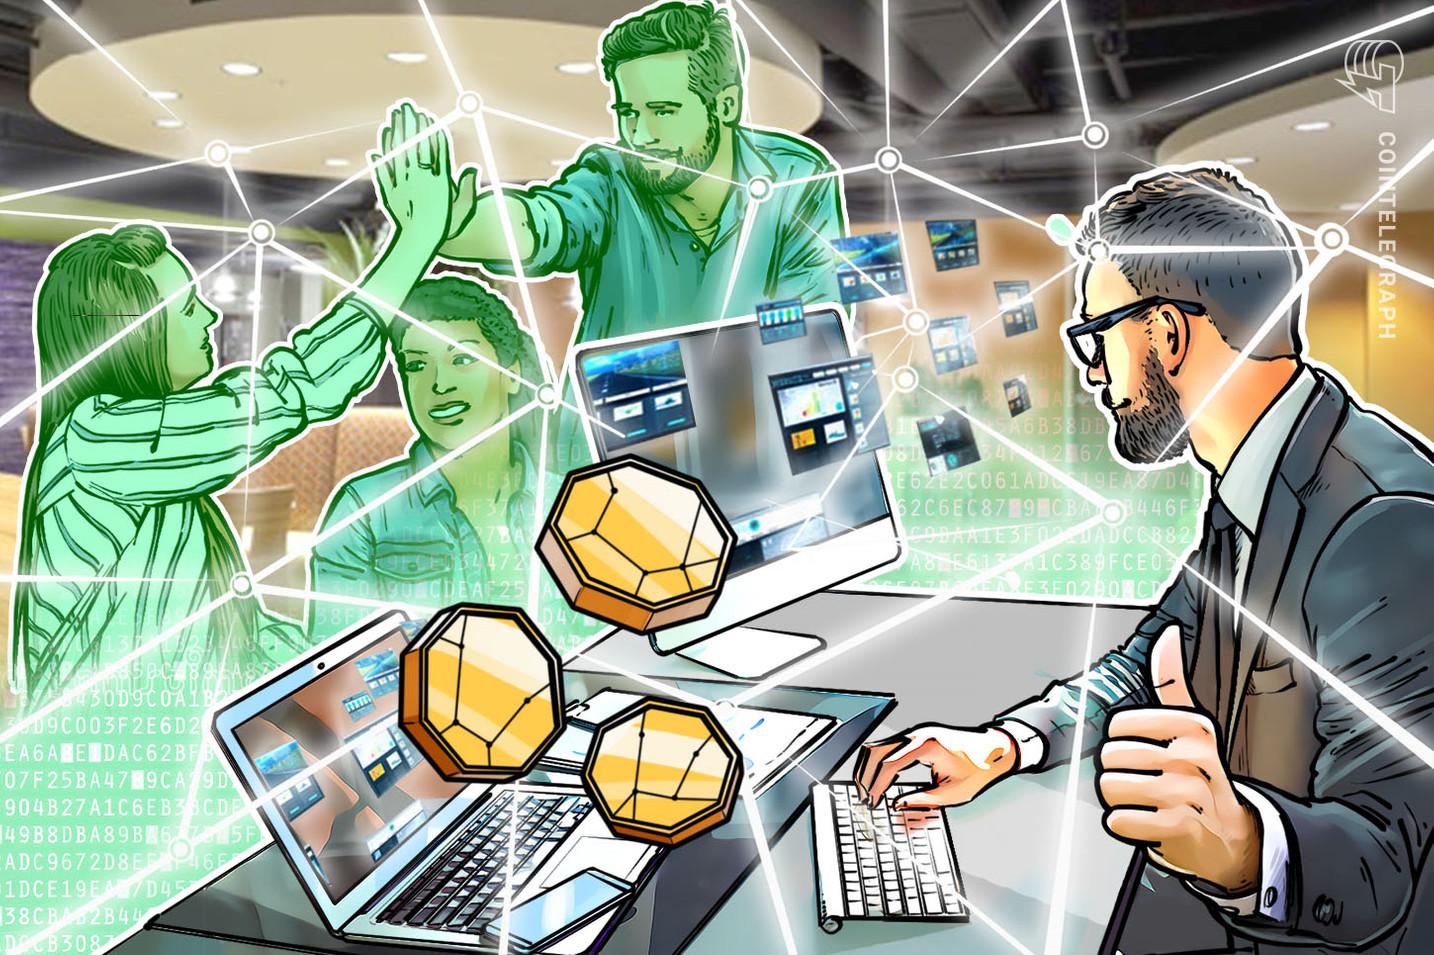 Kryptobörse Bitpanda kündigt Echtzeithandel zwischen Kryptowährungen und eigenen Token an